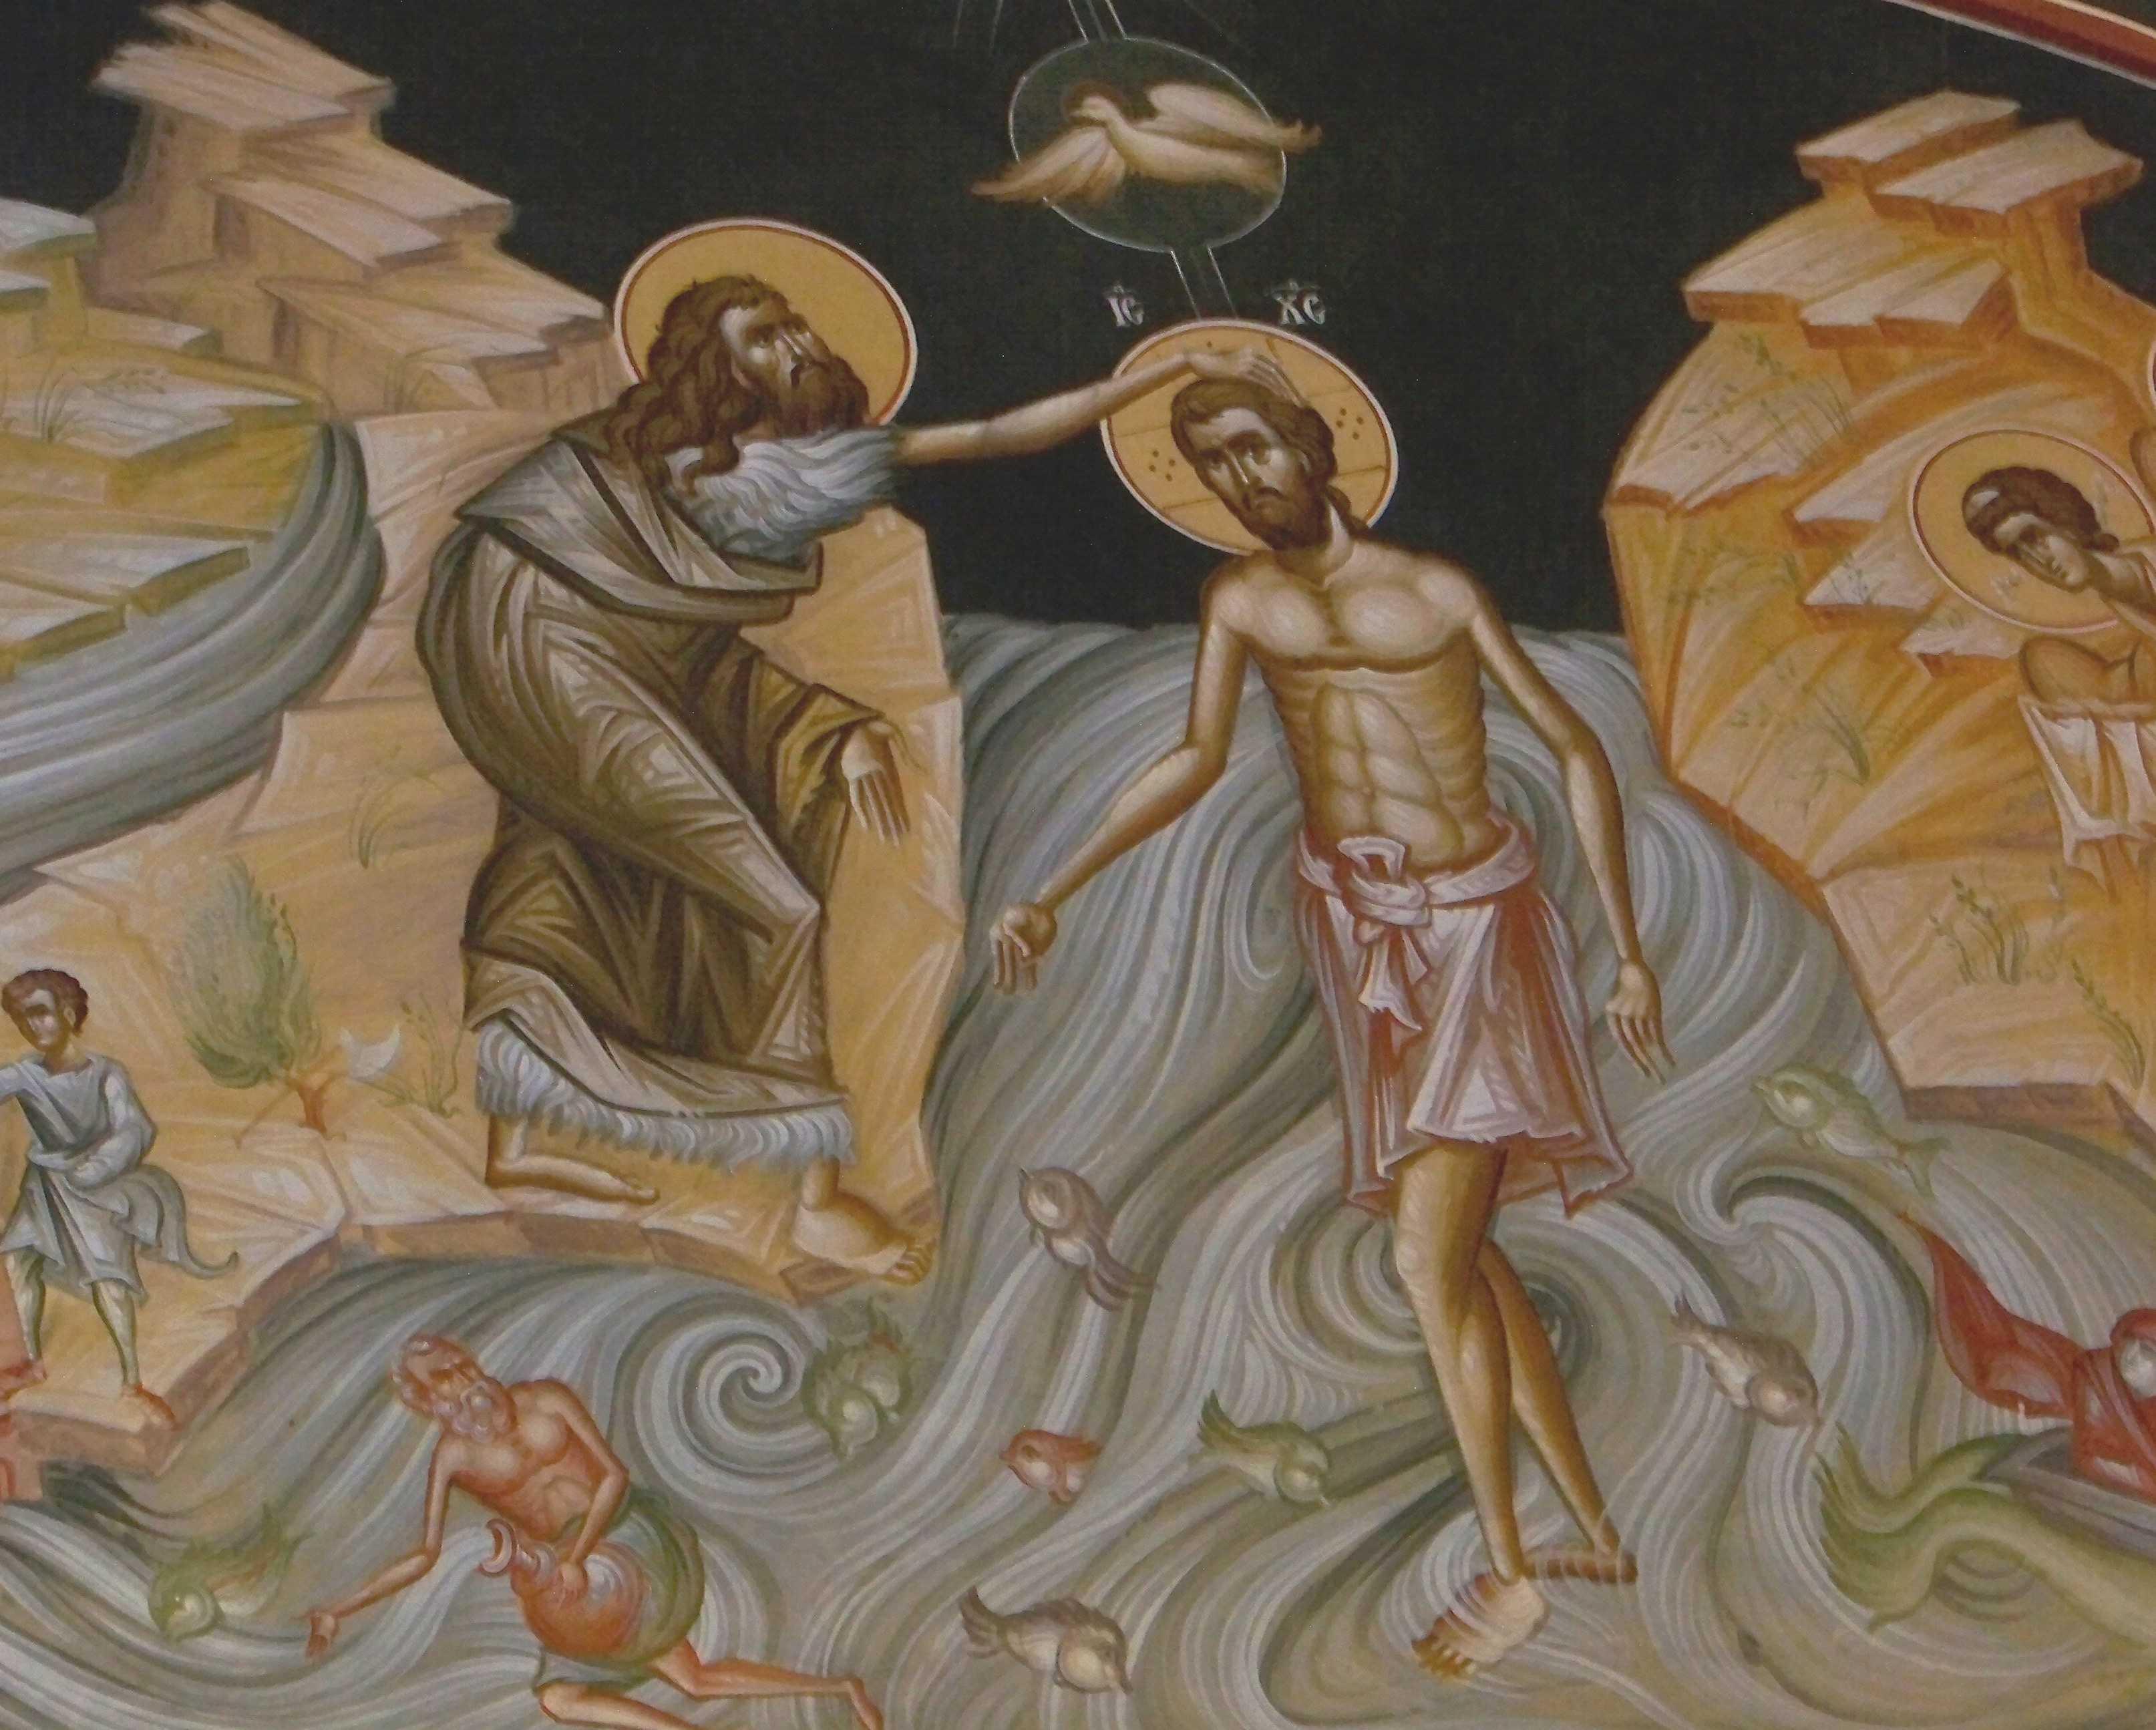 Predica si talcuire la BOTEZUL DOMNULUI a Sfantului Nicolae Velimirovici: <i>&#8220;Hristos a intrat in apa nu ca sa Se curateasca pe Sine, ci ca sa inece simbolic pe omul cel vechi&#8221;</i>. MINUNATA SMERENIE A LUI DUMNEZEU